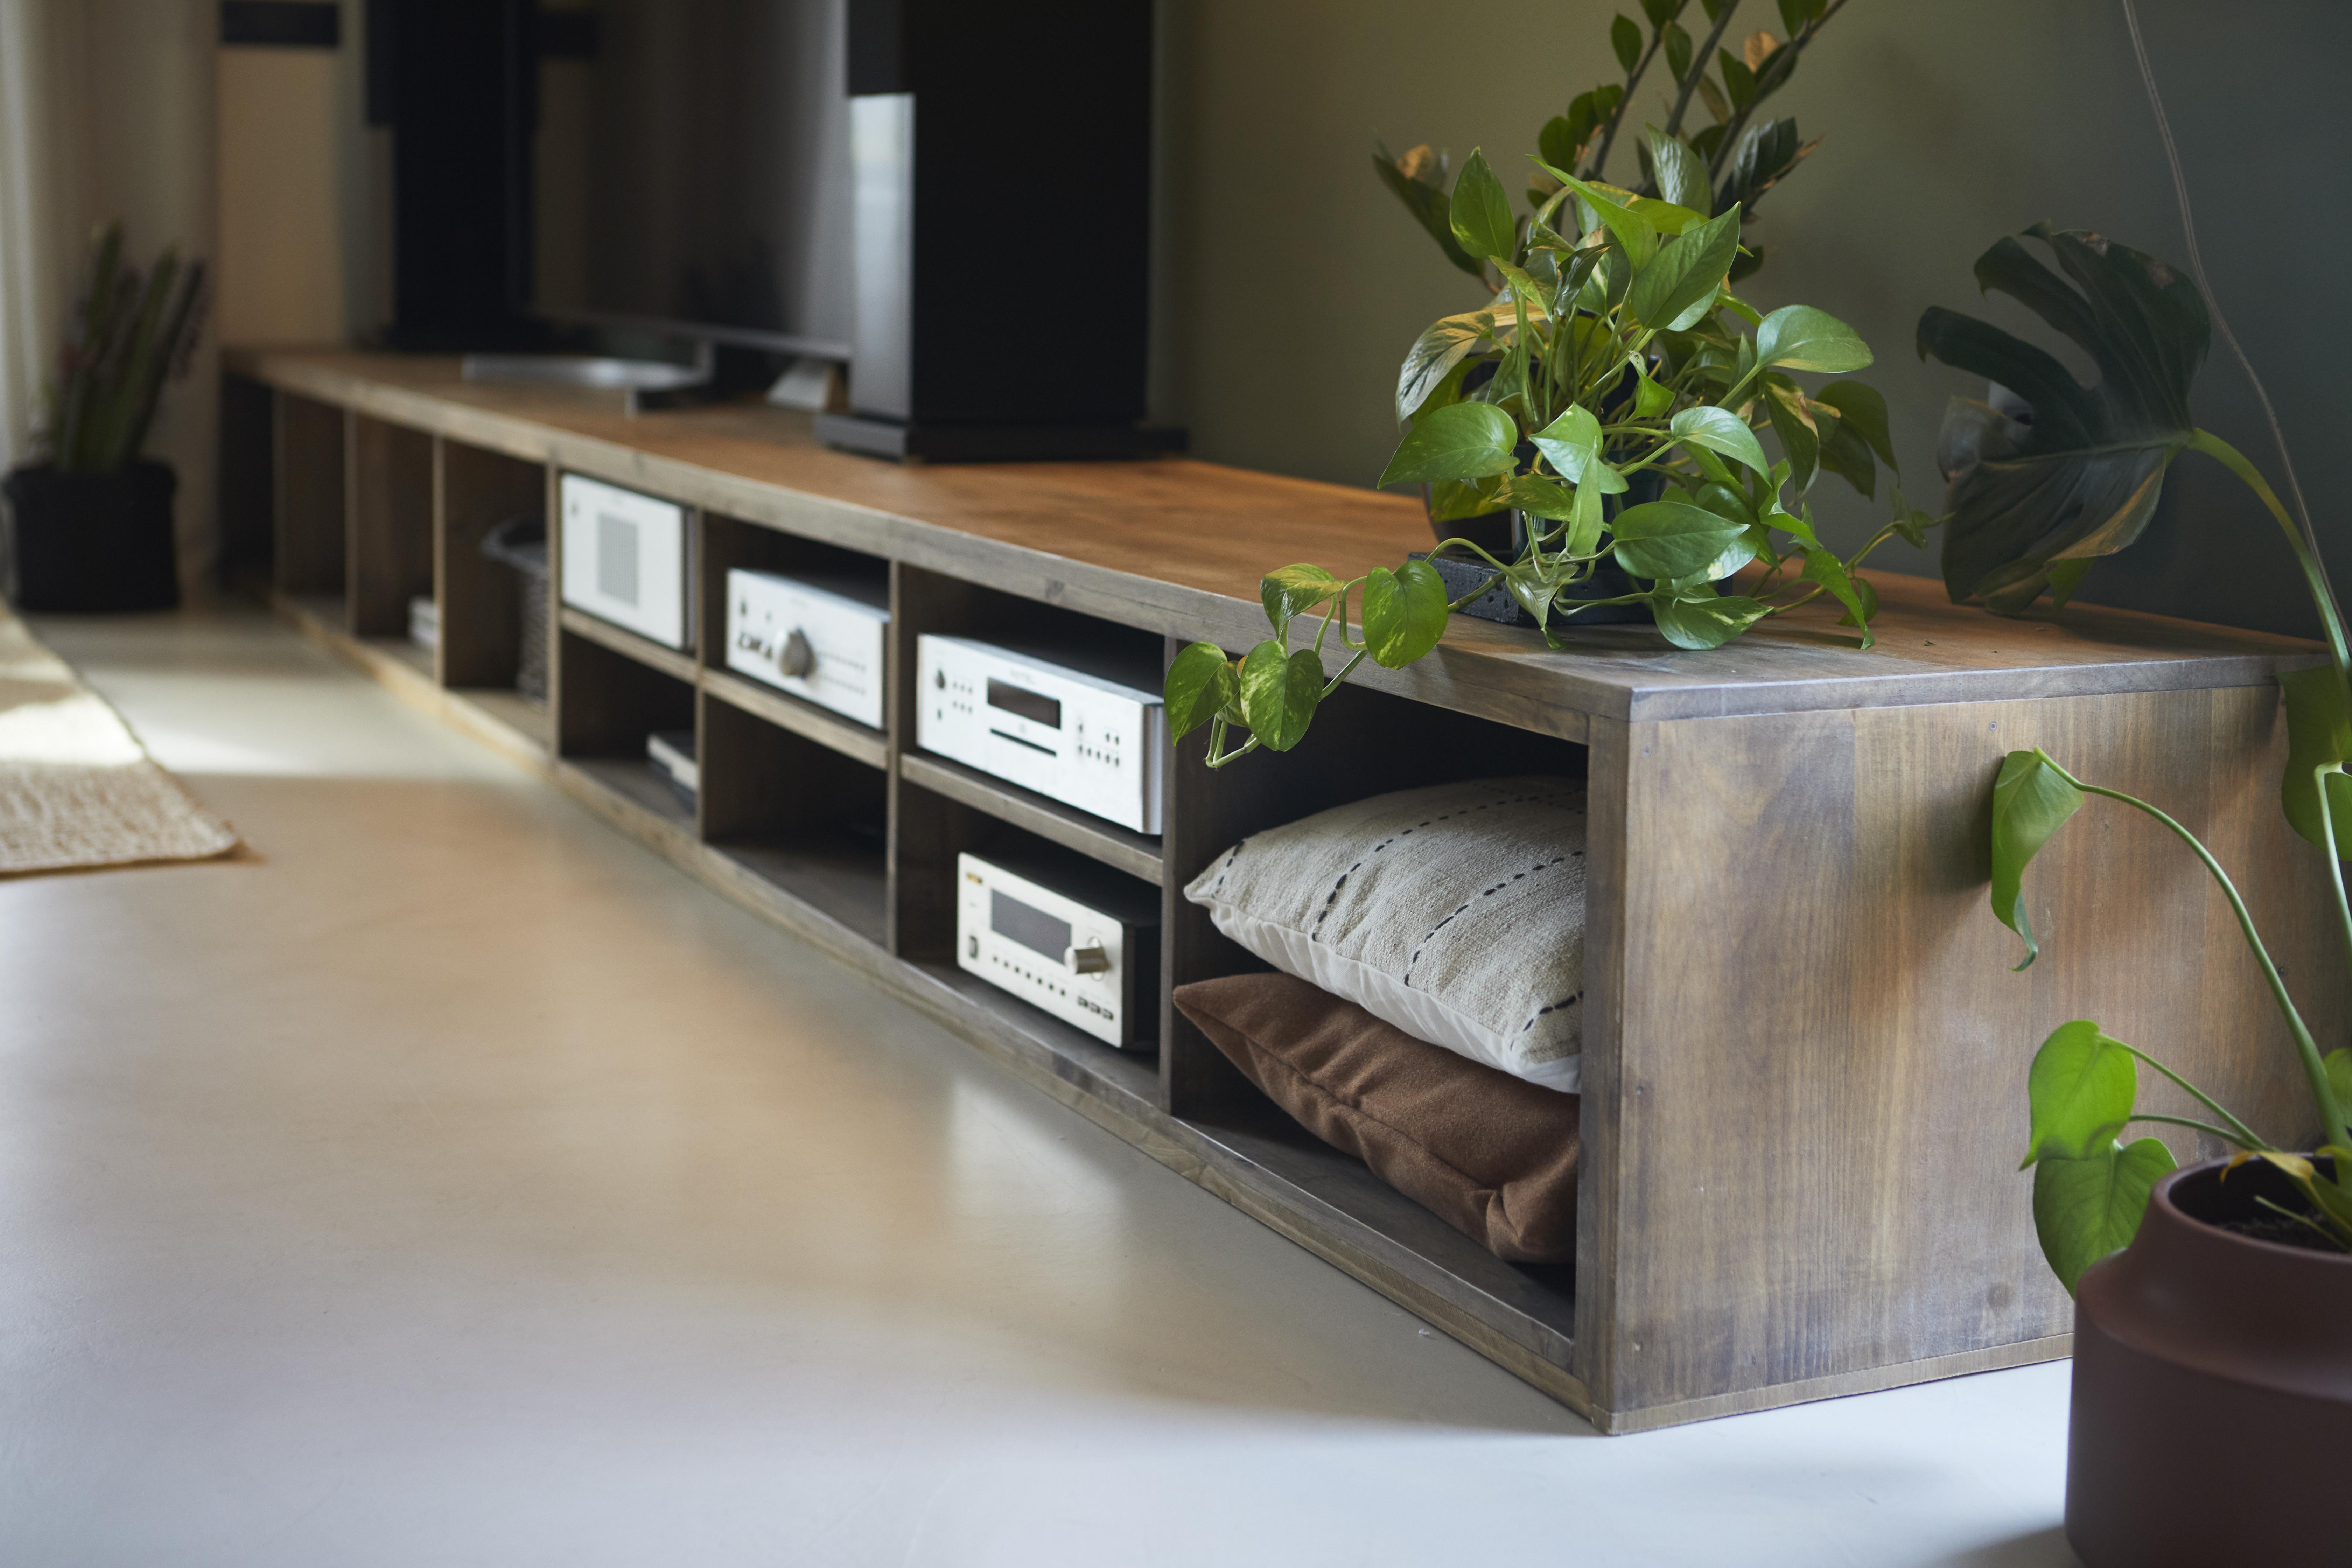 Las plantas y la madera dan calidez